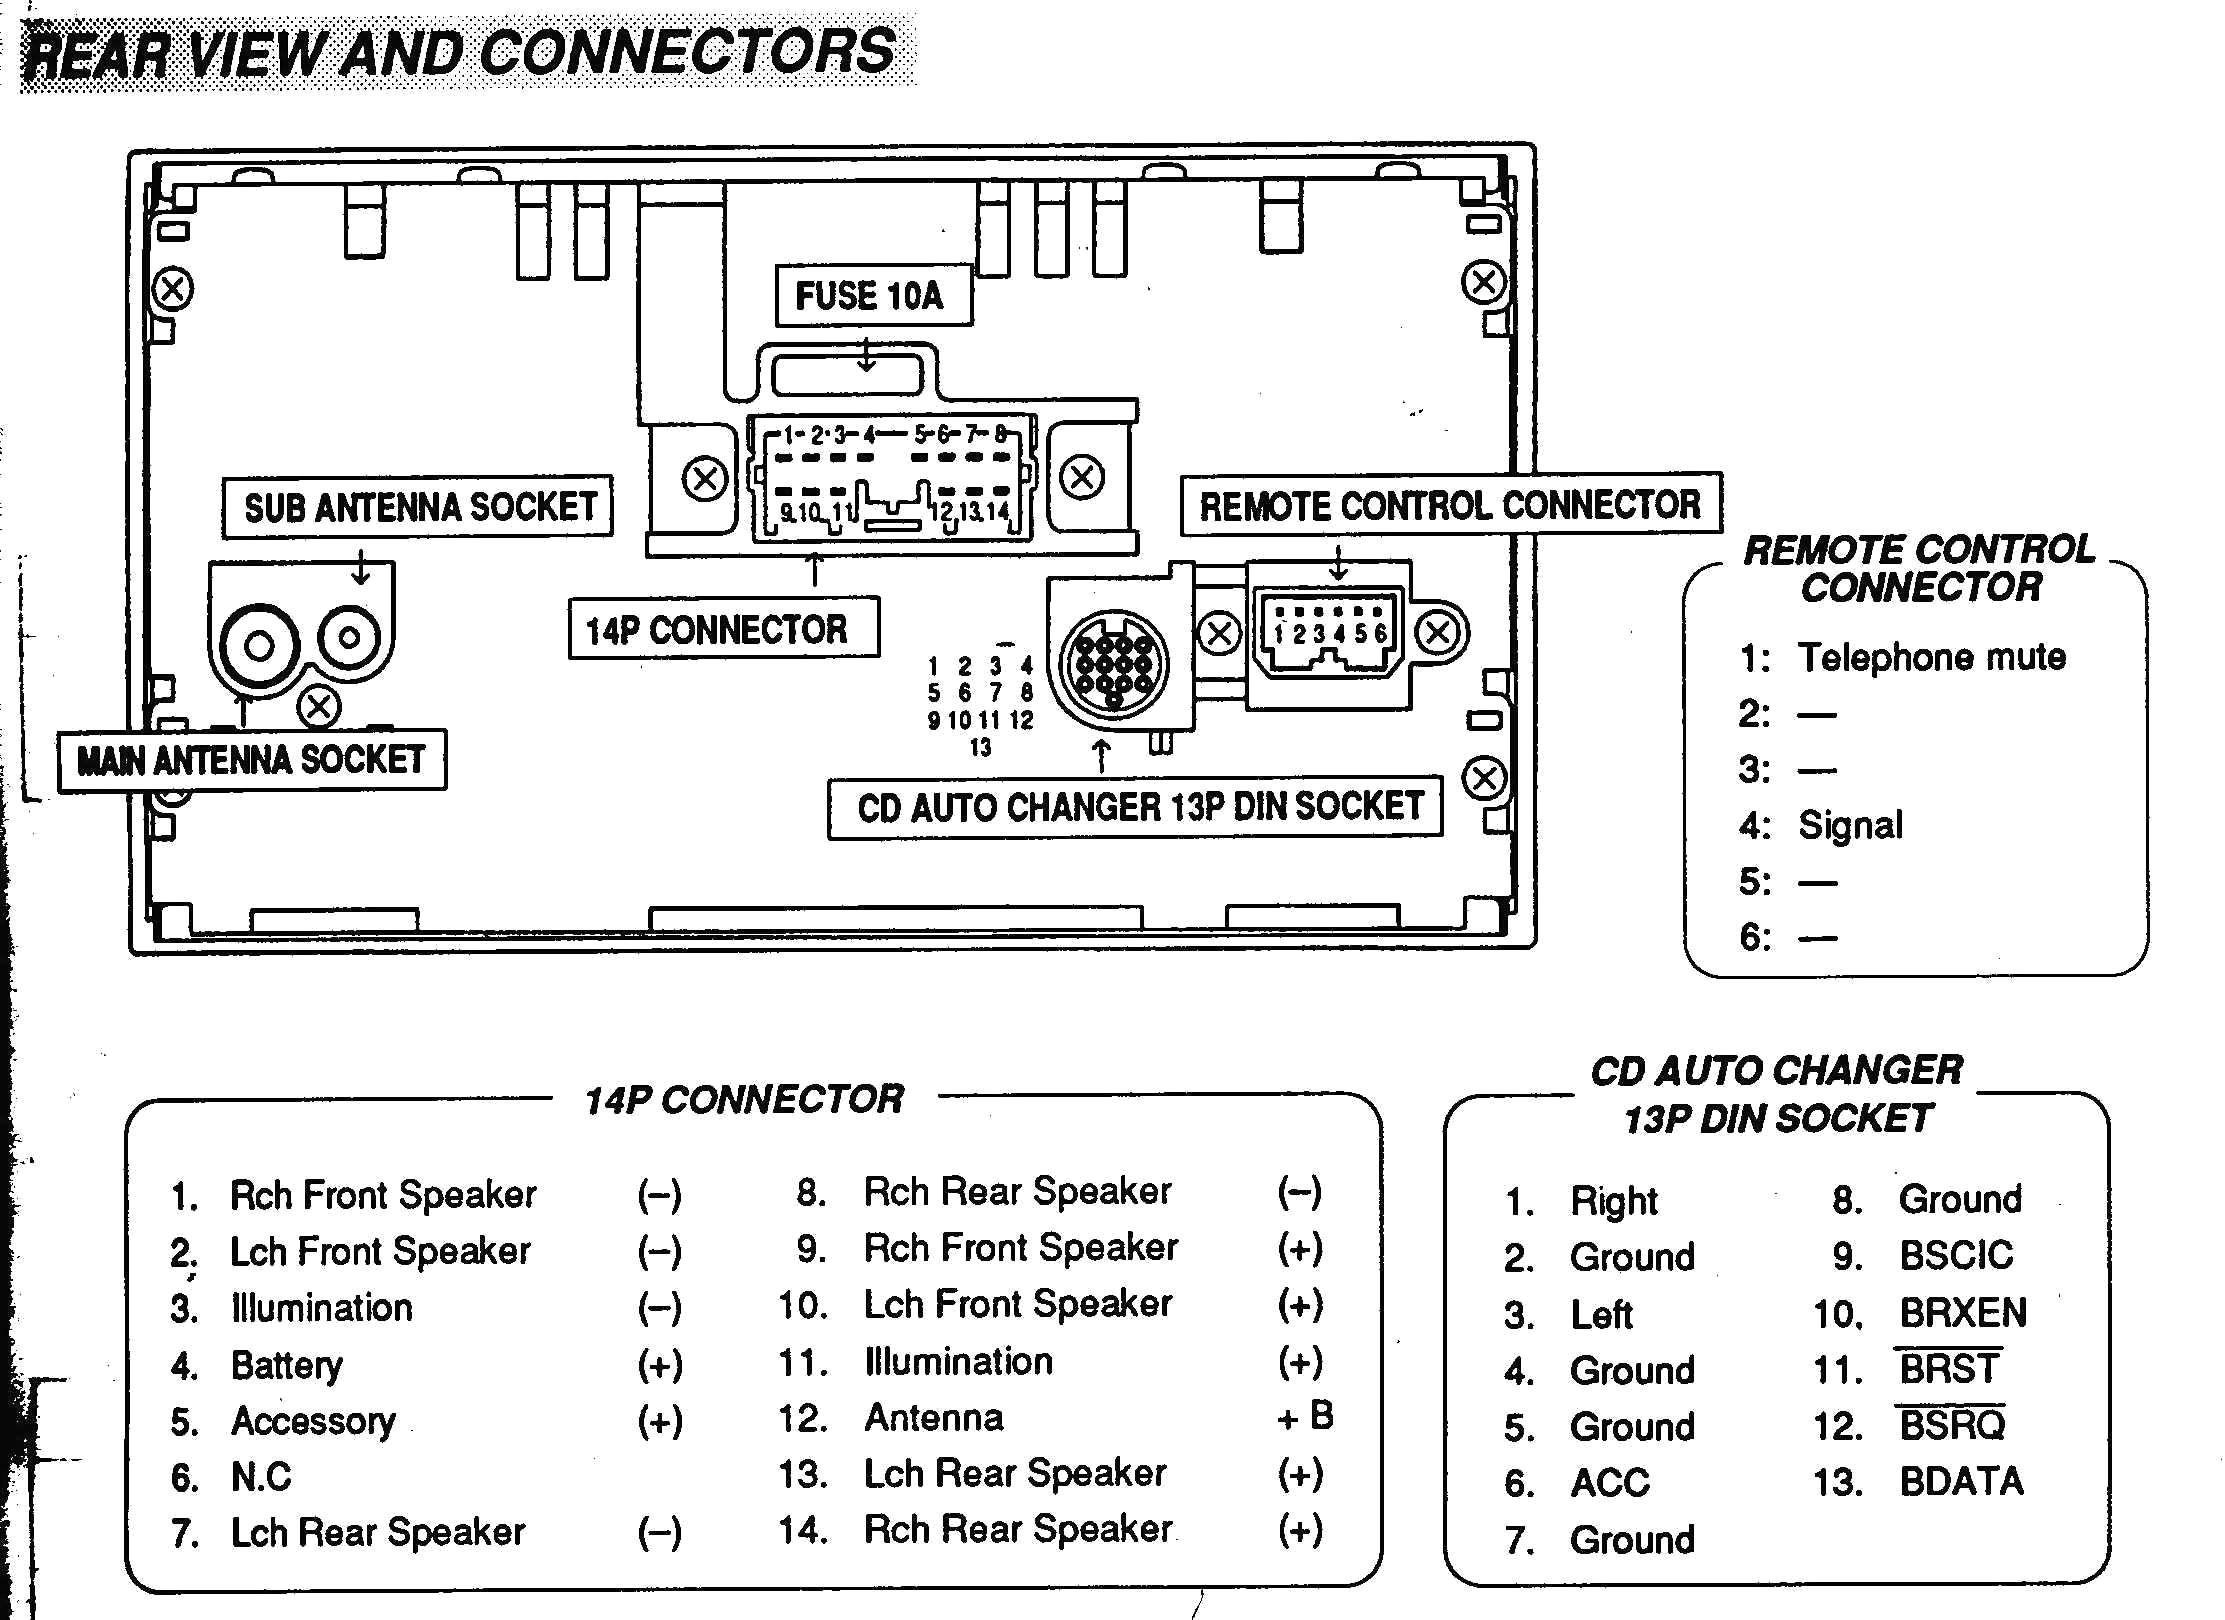 Car Speakers Wiring Diagram Car with Detaleted Wiring and Factory Stereo Diagrams Wiring Diagram Of Car Speakers Wiring Diagram